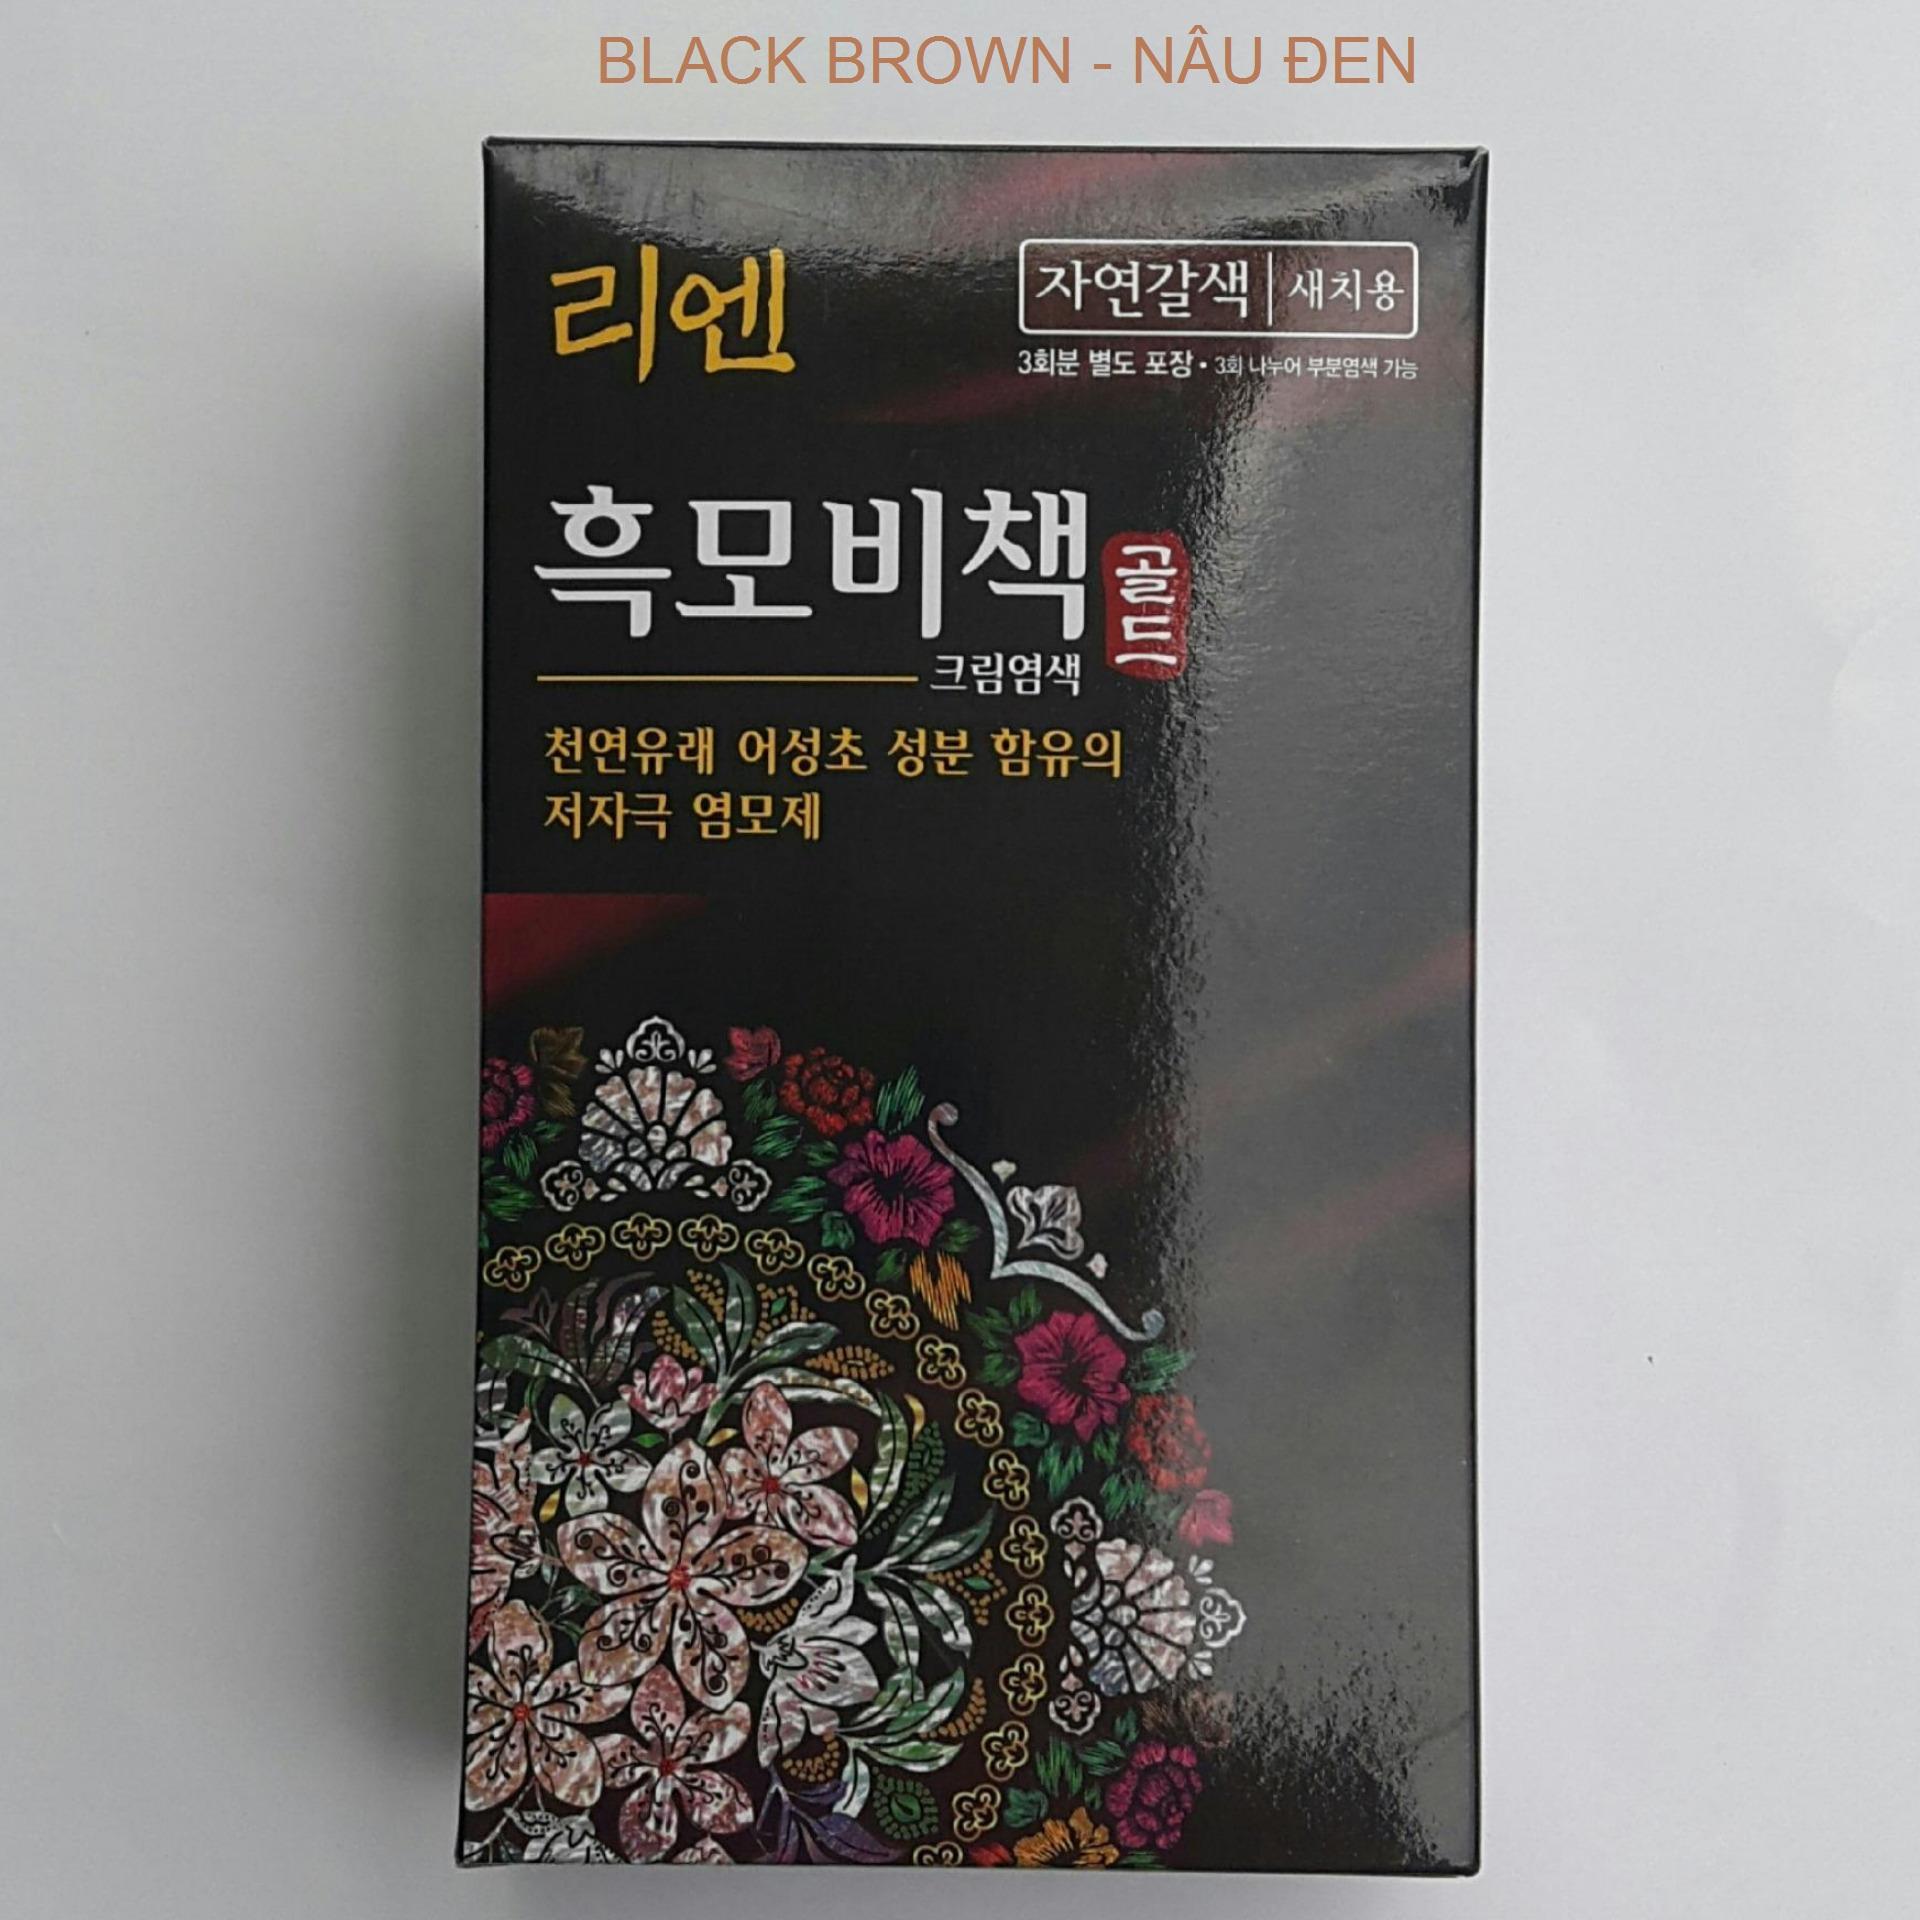 Kem nhuộm phủ Bạc Reen ( Black Brown)  Nâu Đen - Hàn Quốc